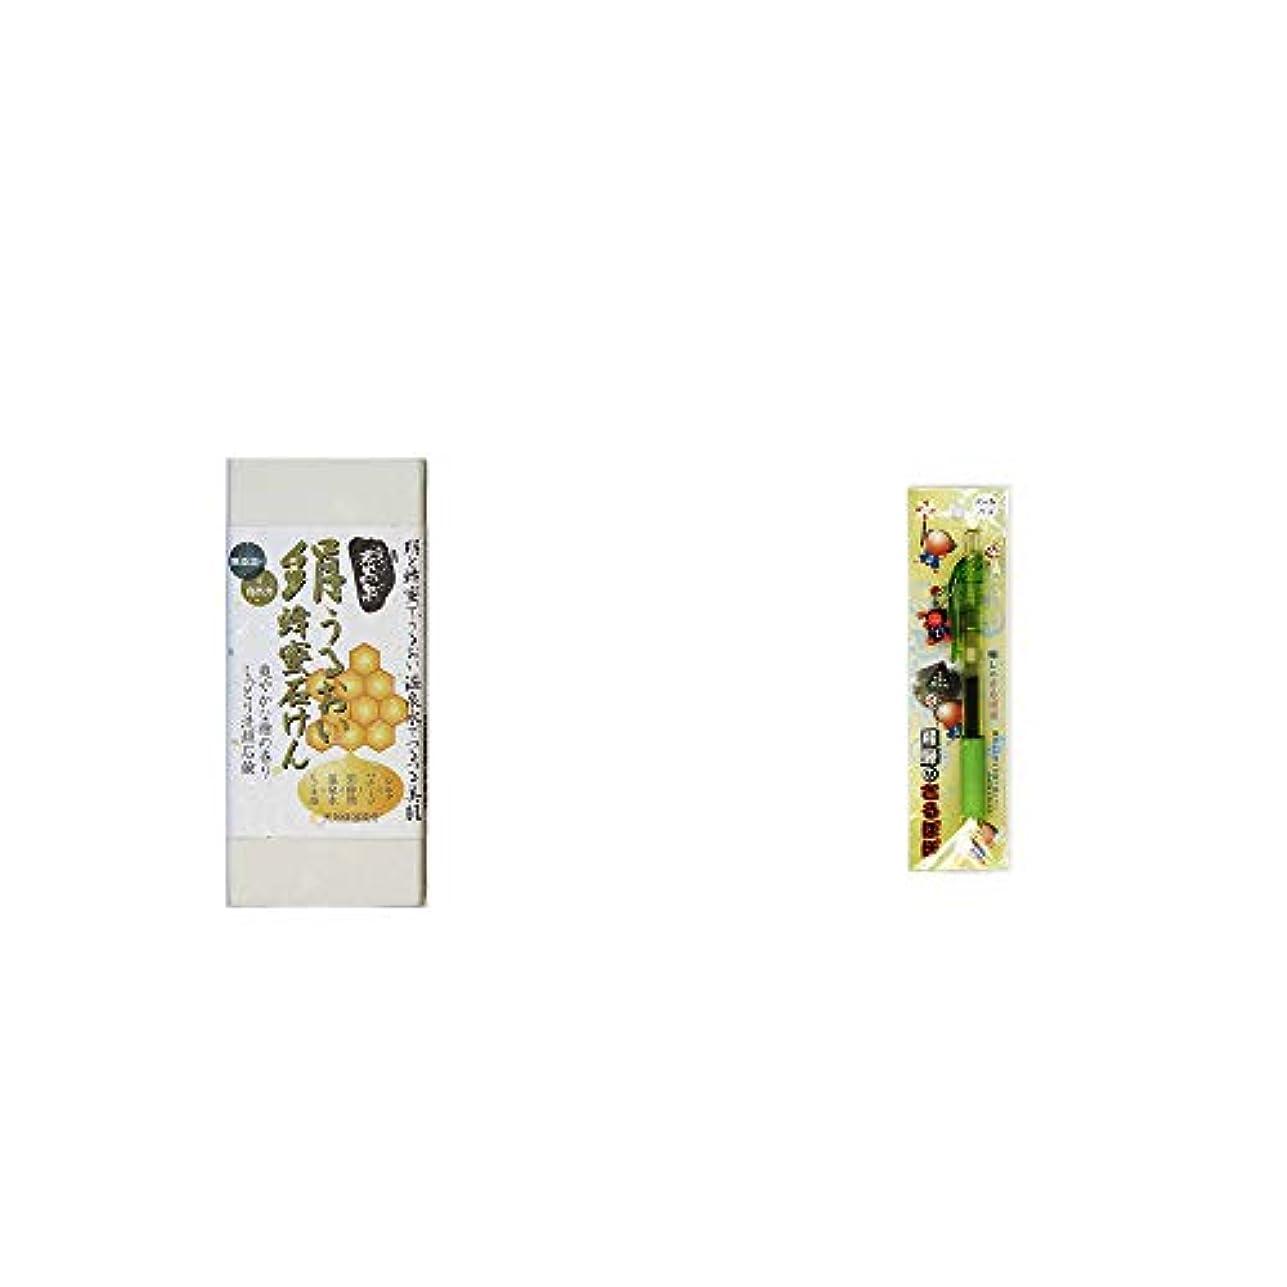 残り物乳剤人生を作る[2点セット] ひのき炭黒泉 絹うるおい蜂蜜石けん(75g×2)?さるぼぼ 癒しボールペン 【グリーン】